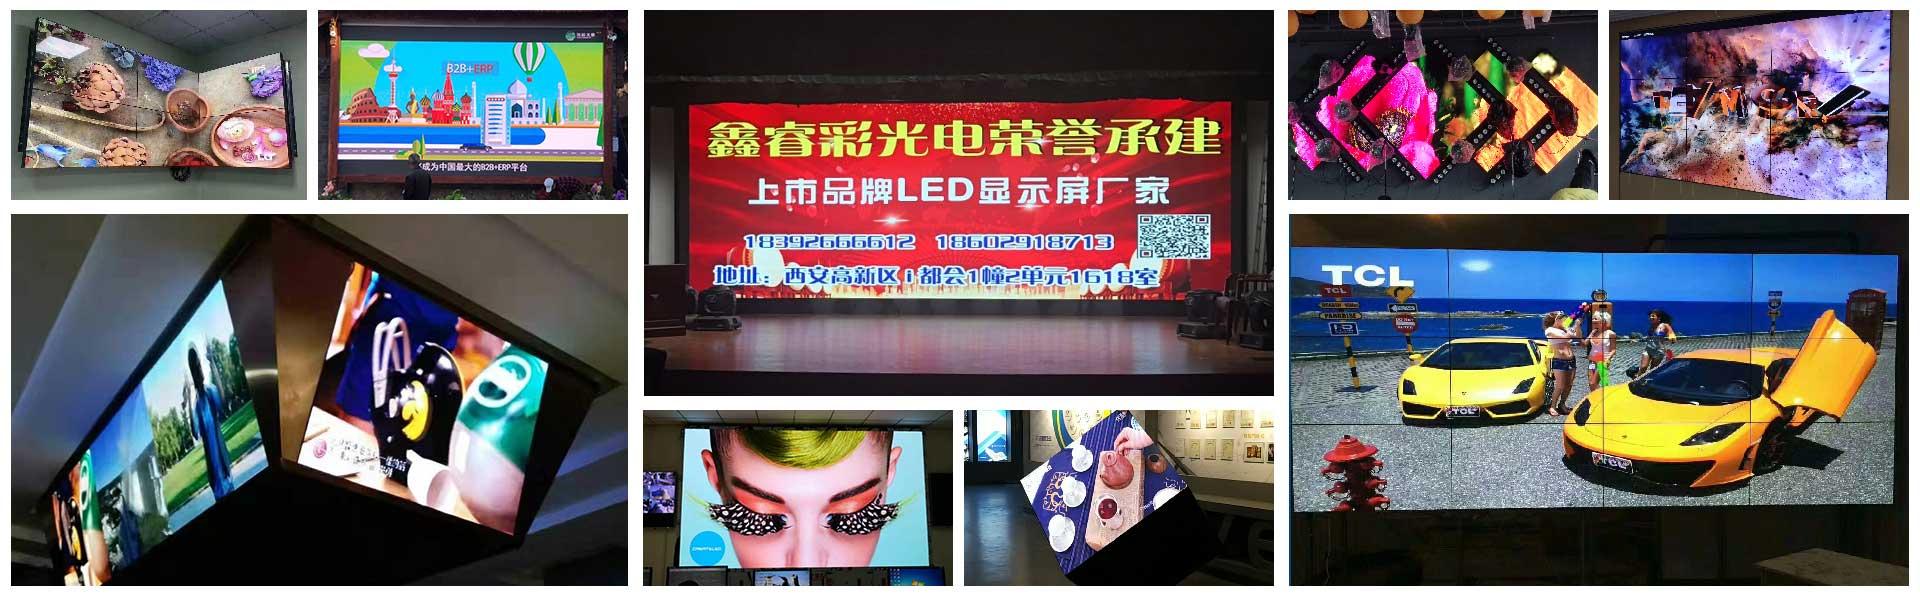 陕西LED显示屏